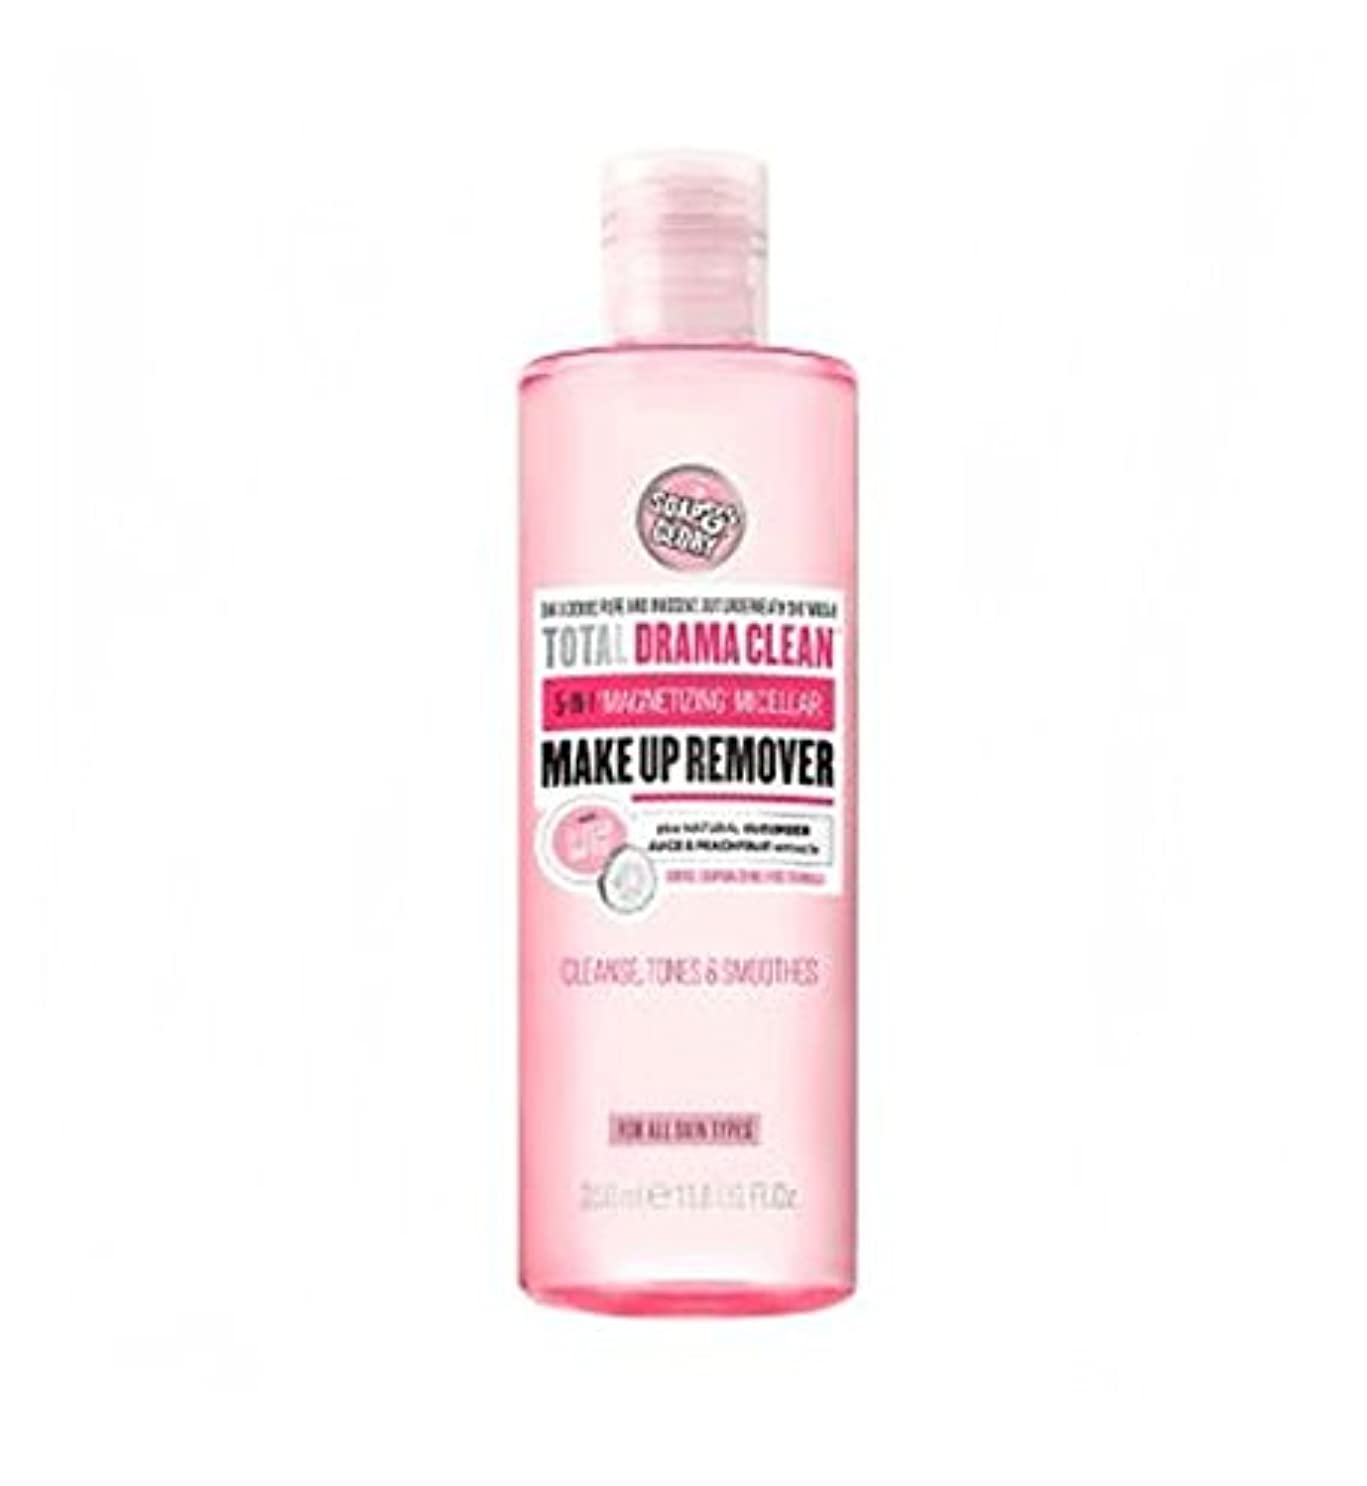 アンケートパール展開する石鹸&栄光のドラマクリーン?5-In-1のミセル洗浄水350ミリリットル (Soap & Glory) (x2) - Soap & Glory DRAMA CLEAN? 5-in-1 Micellar Cleansing...